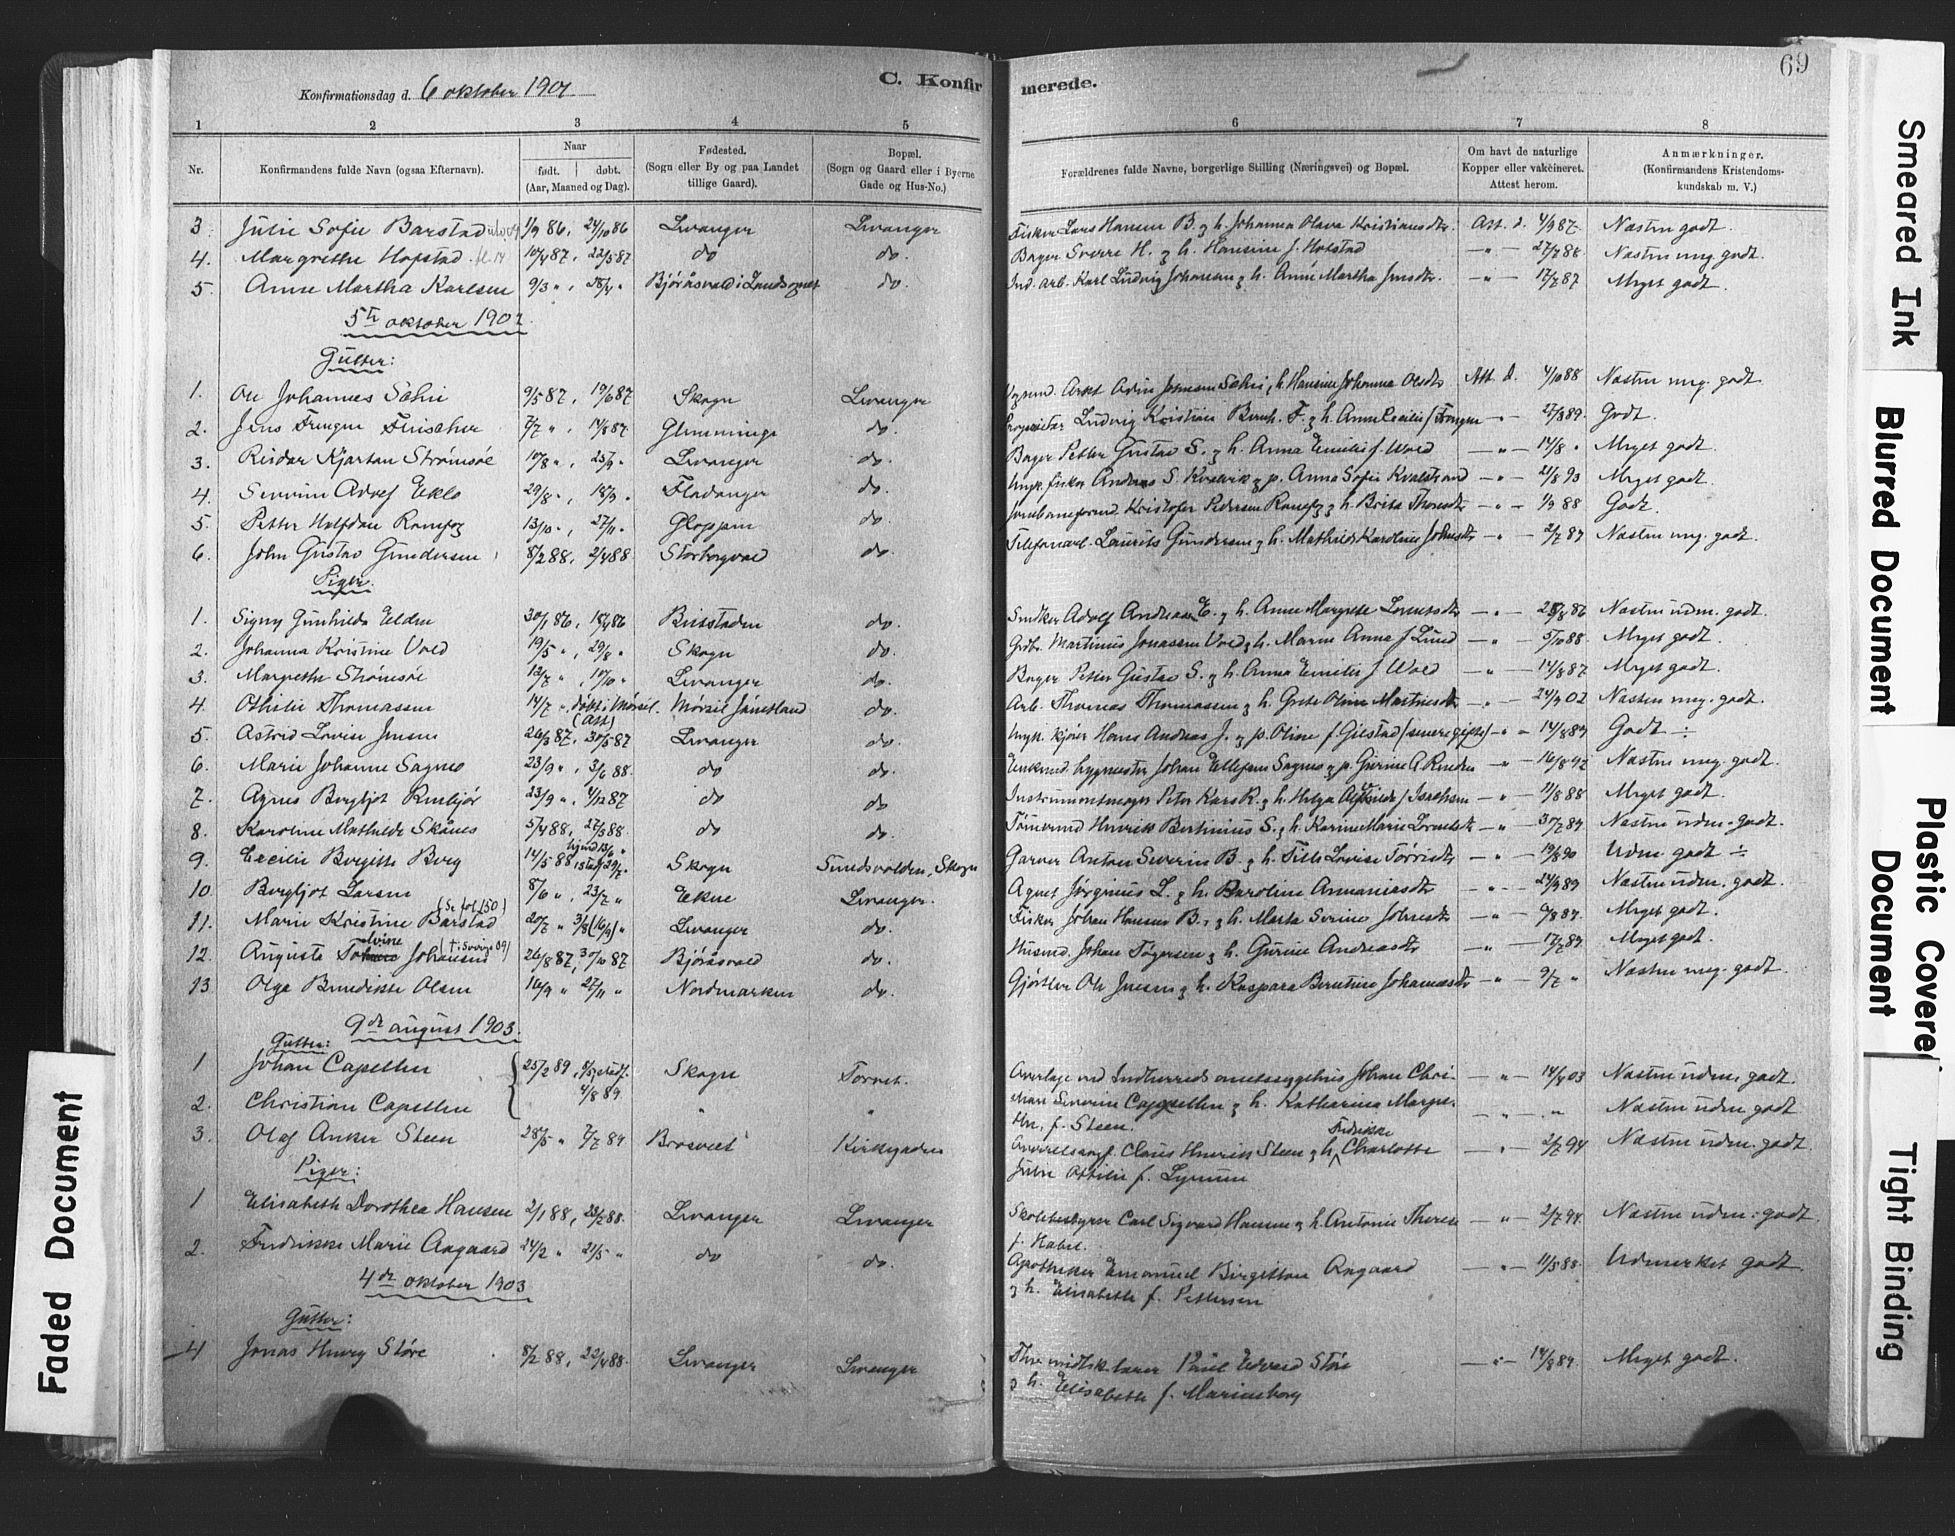 SAT, Ministerialprotokoller, klokkerbøker og fødselsregistre - Nord-Trøndelag, 720/L0189: Ministerialbok nr. 720A05, 1880-1911, s. 69